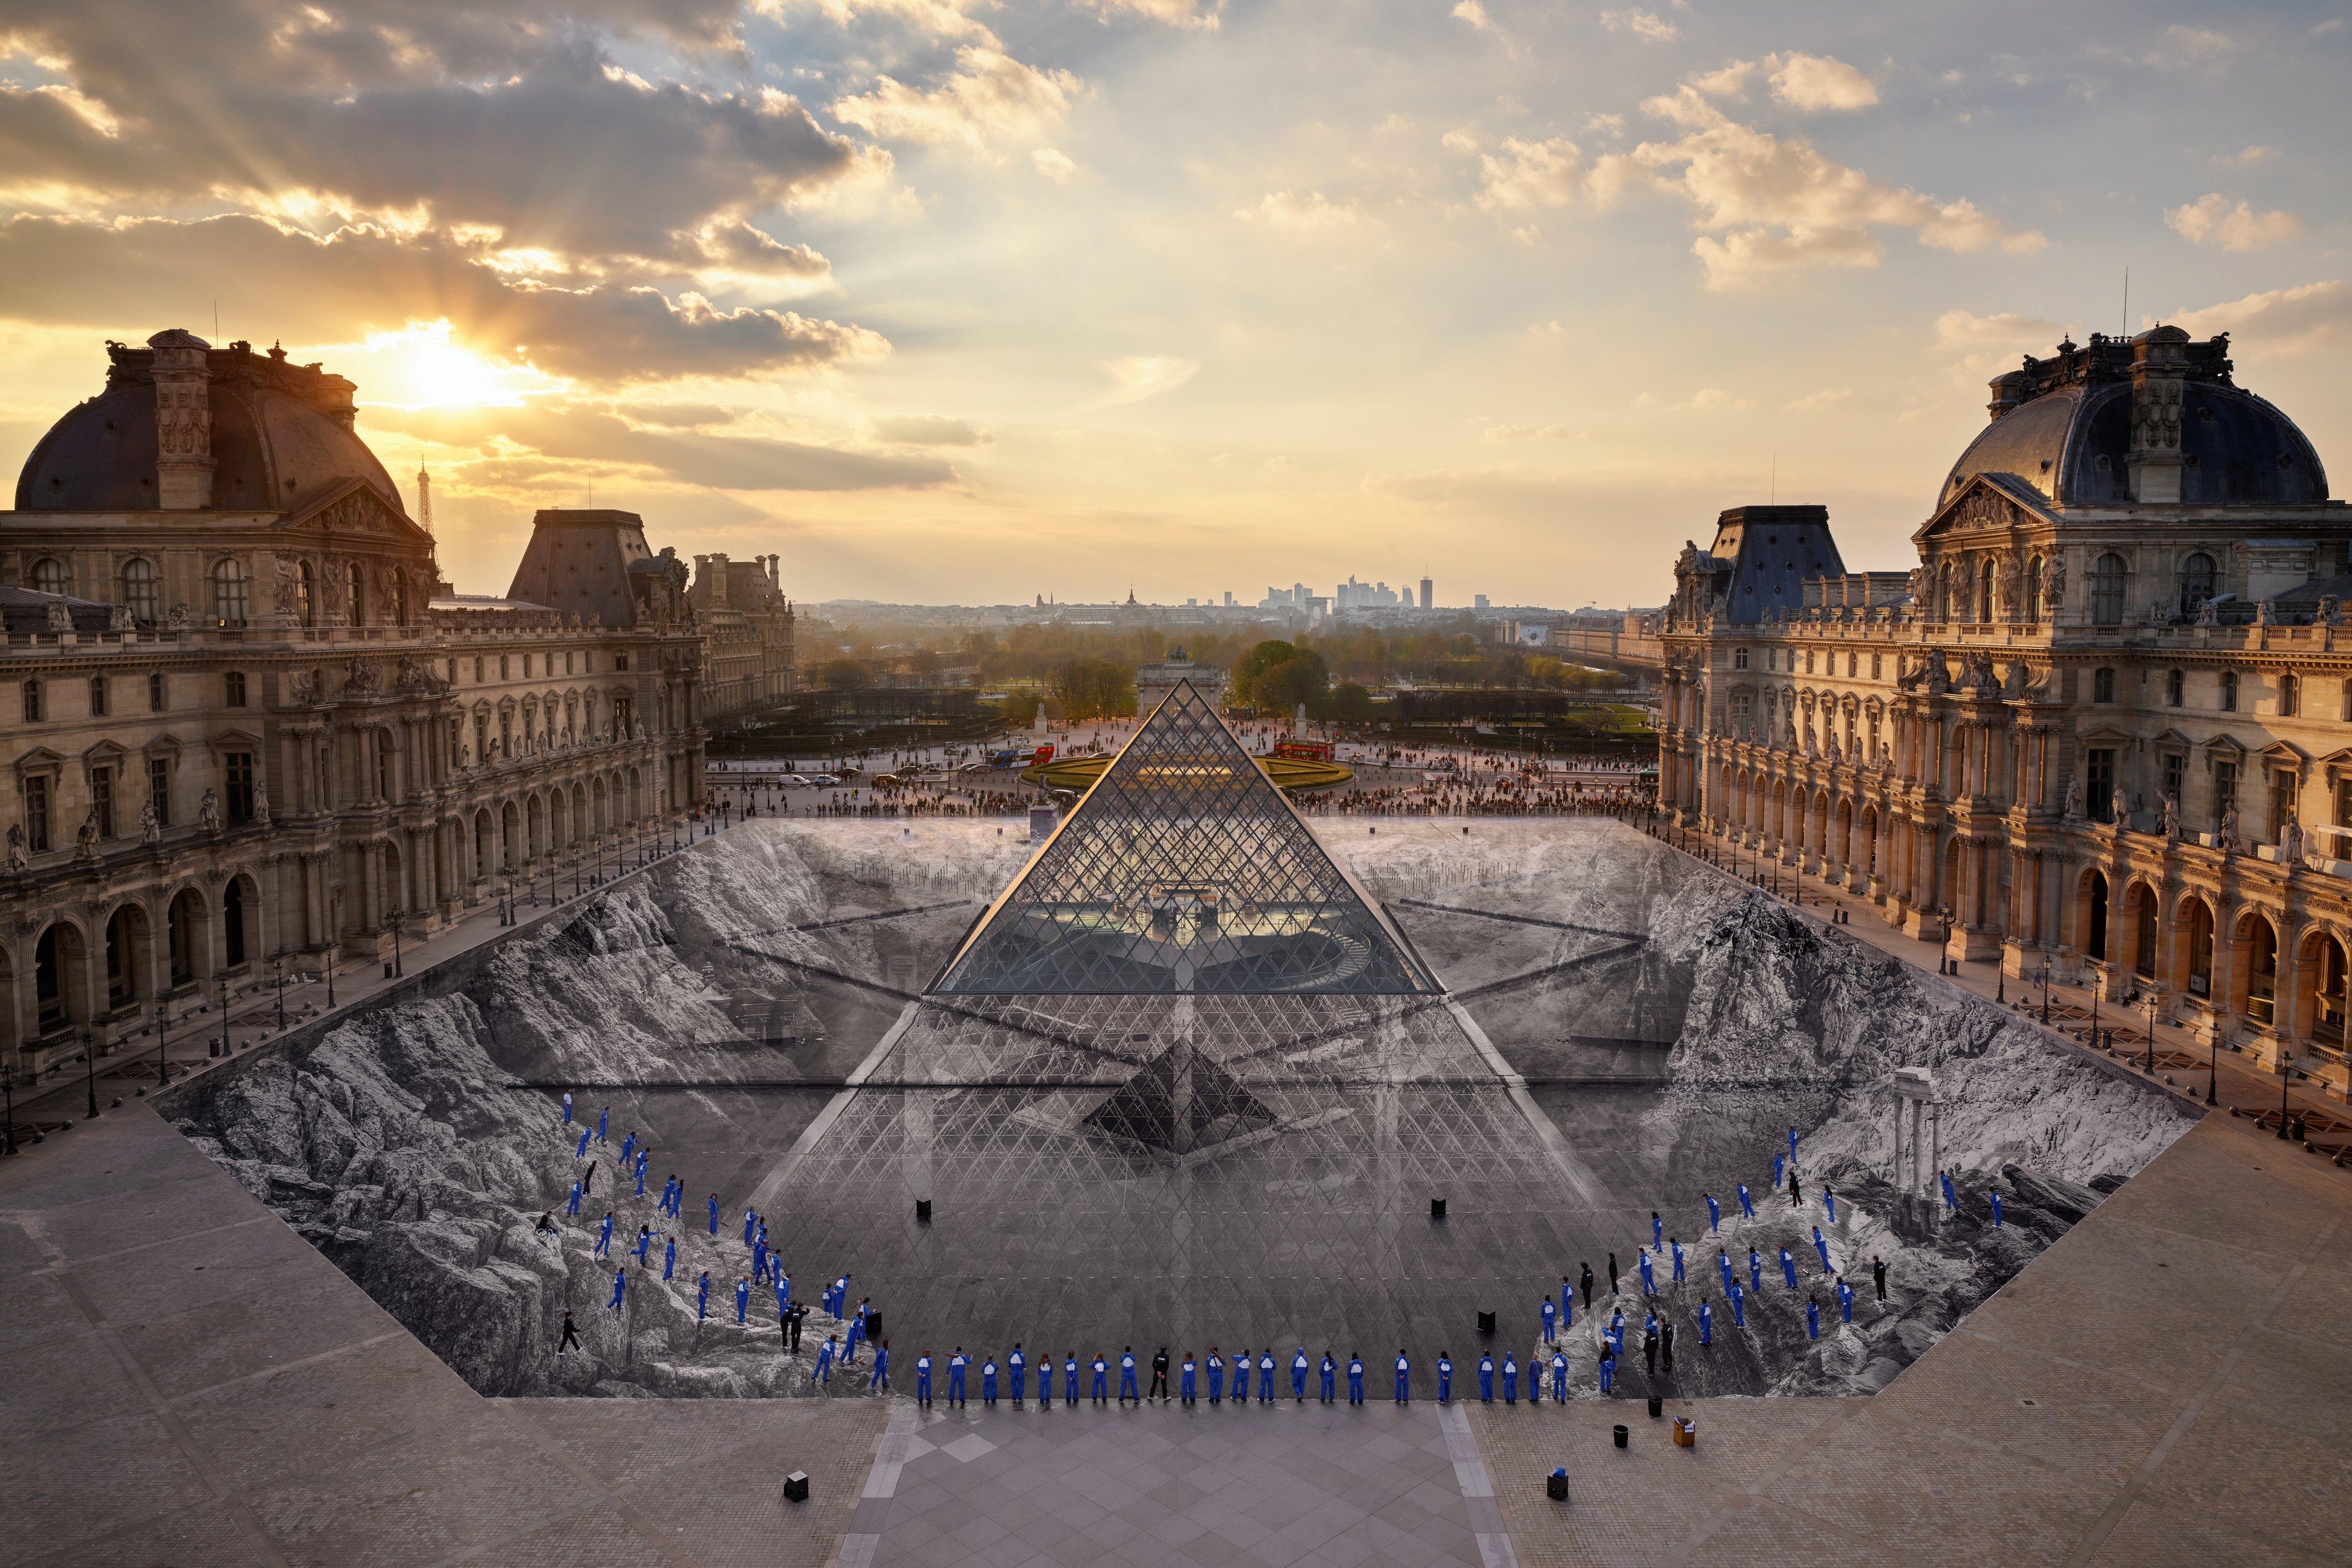 JR au Louvre FOTODRT